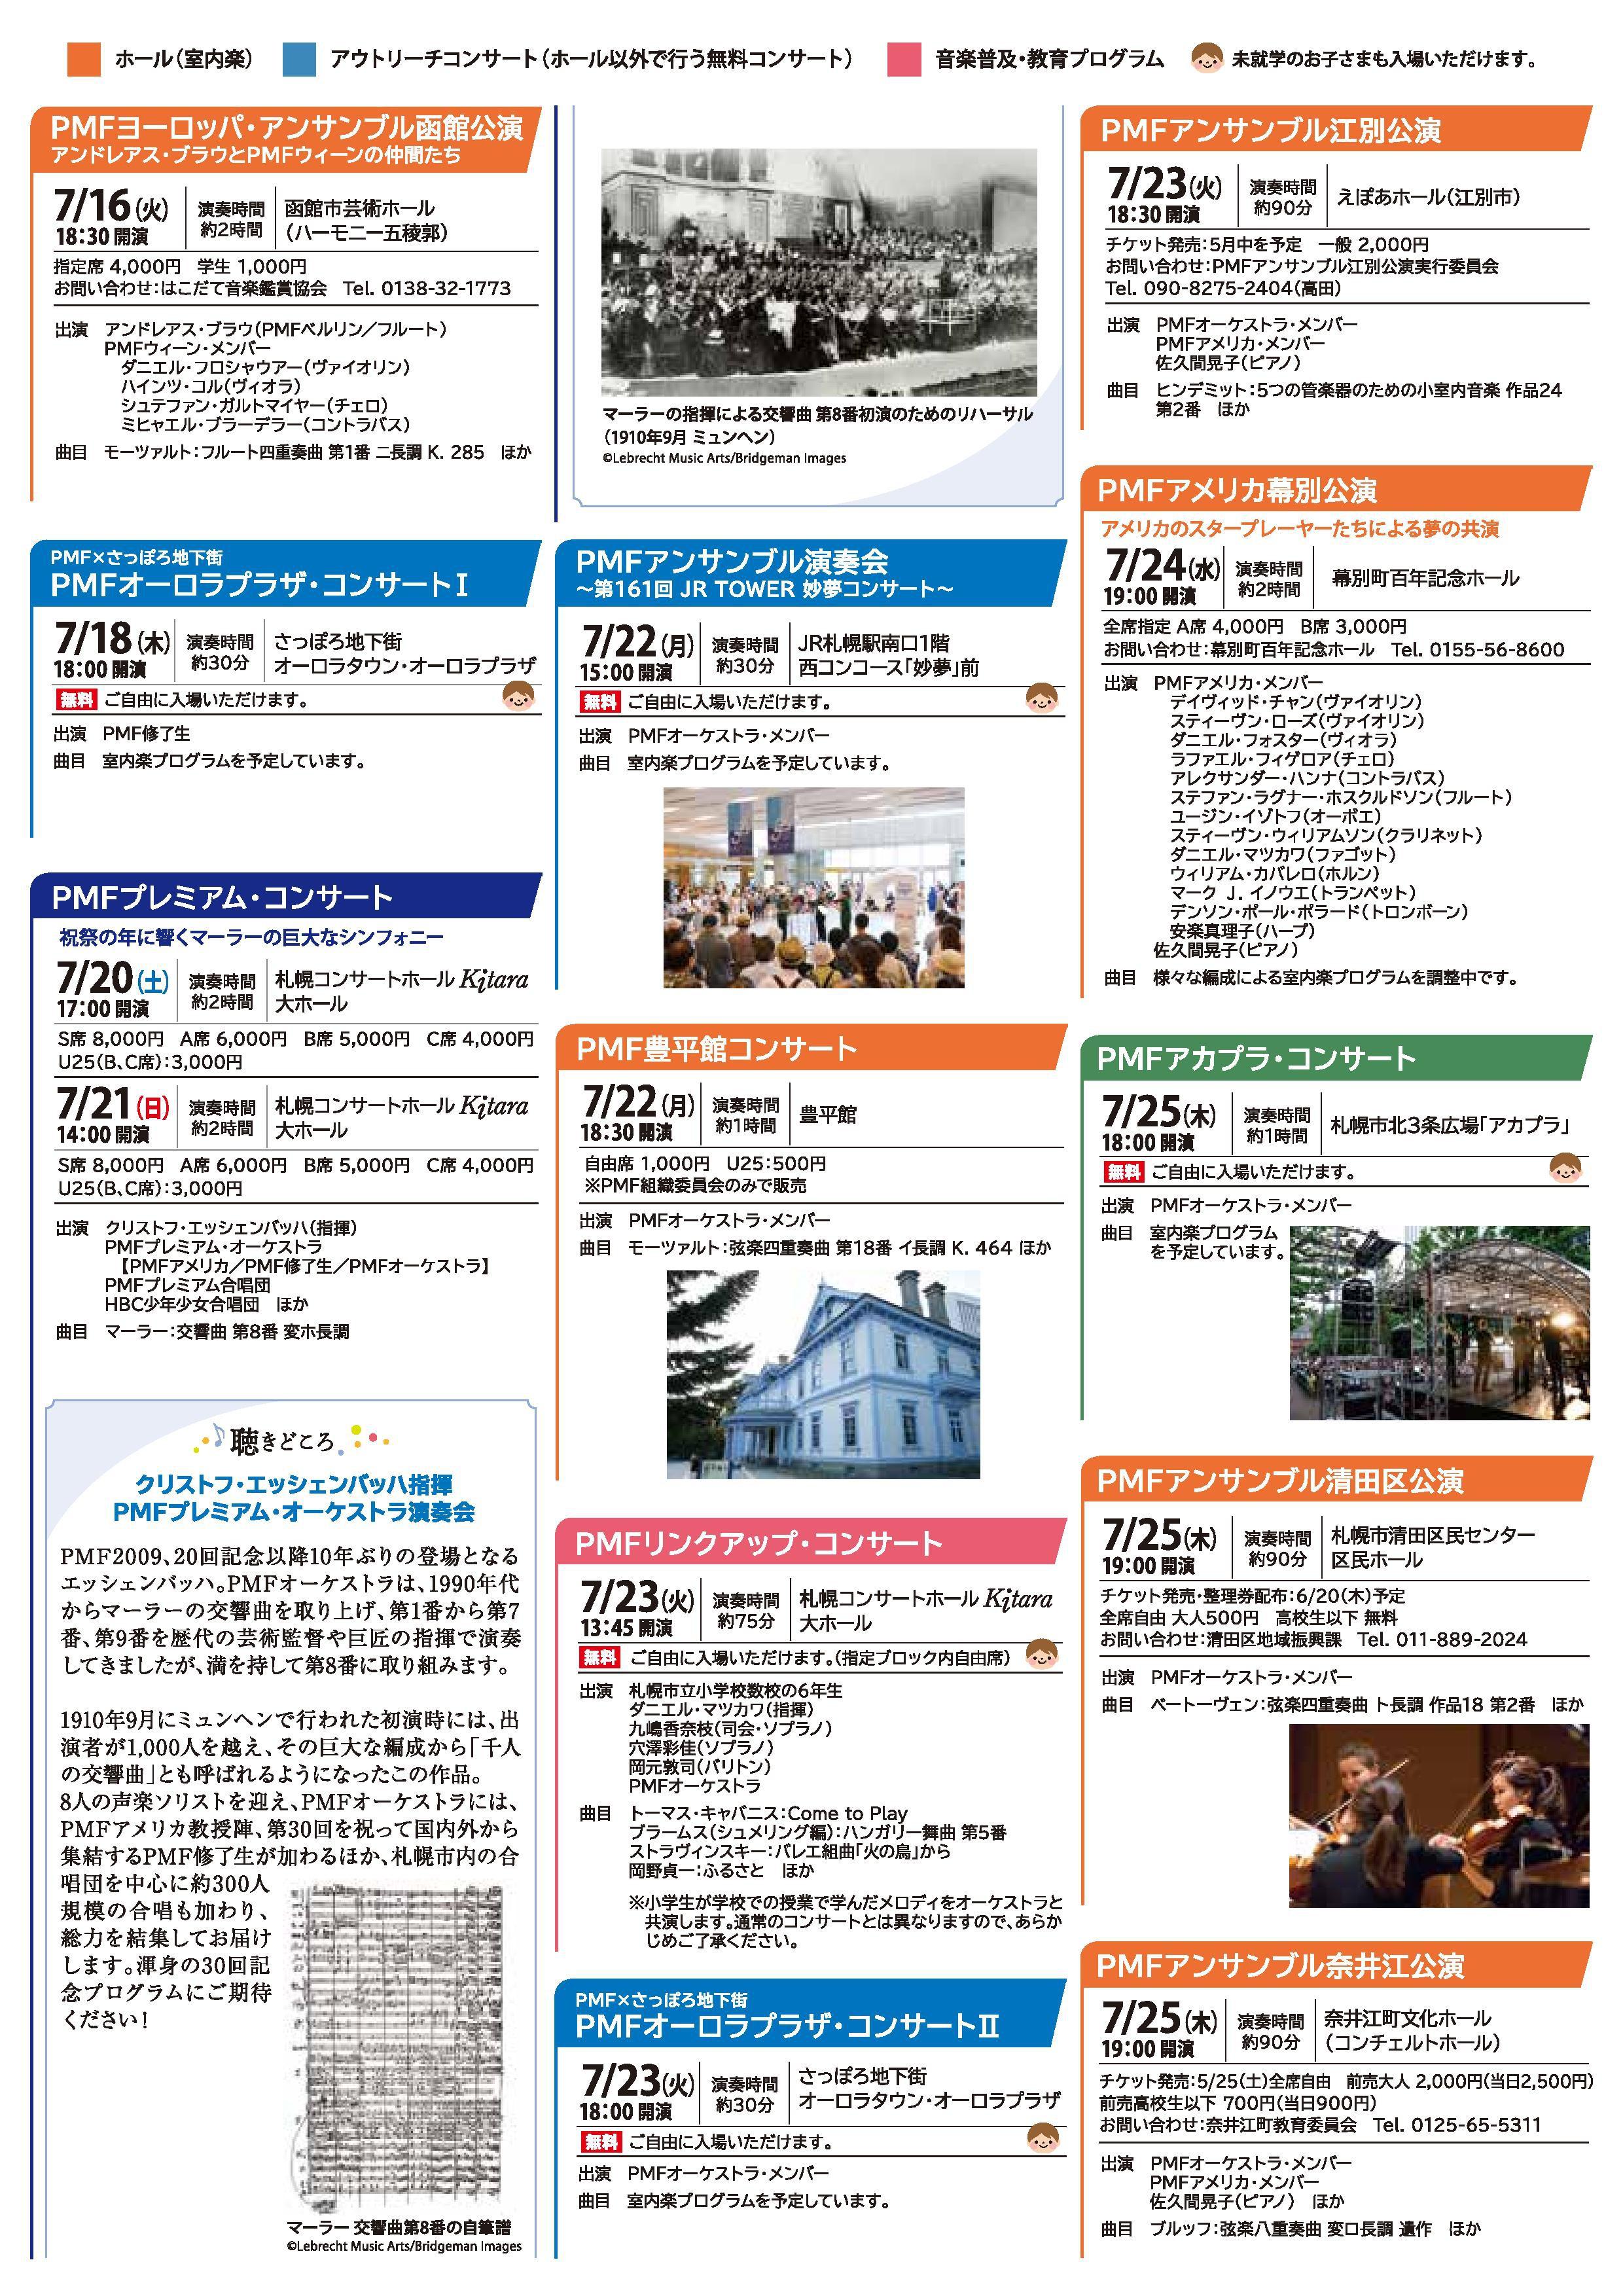 PMF2019 公演スケジュール(第1版) 2枚目